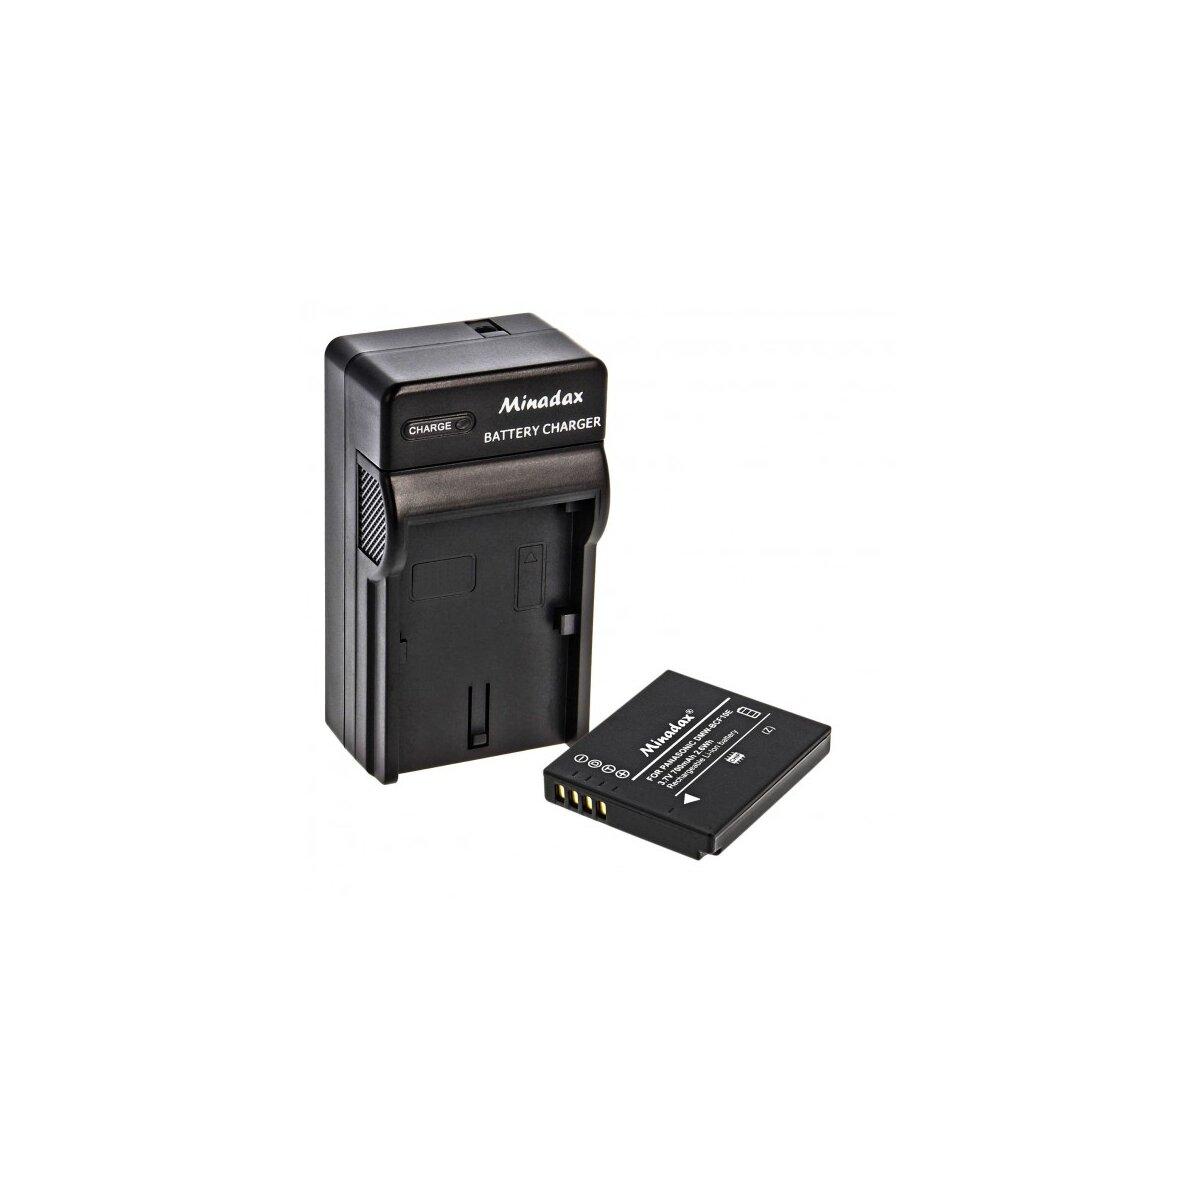 Minadax® Ladegeraet 100% kompatibel fuer Panasonic DMW-BCF10E inkl. Auto Ladekabel, Ladeschale austauschbar + 1x Akku wie DMW-BCF10E